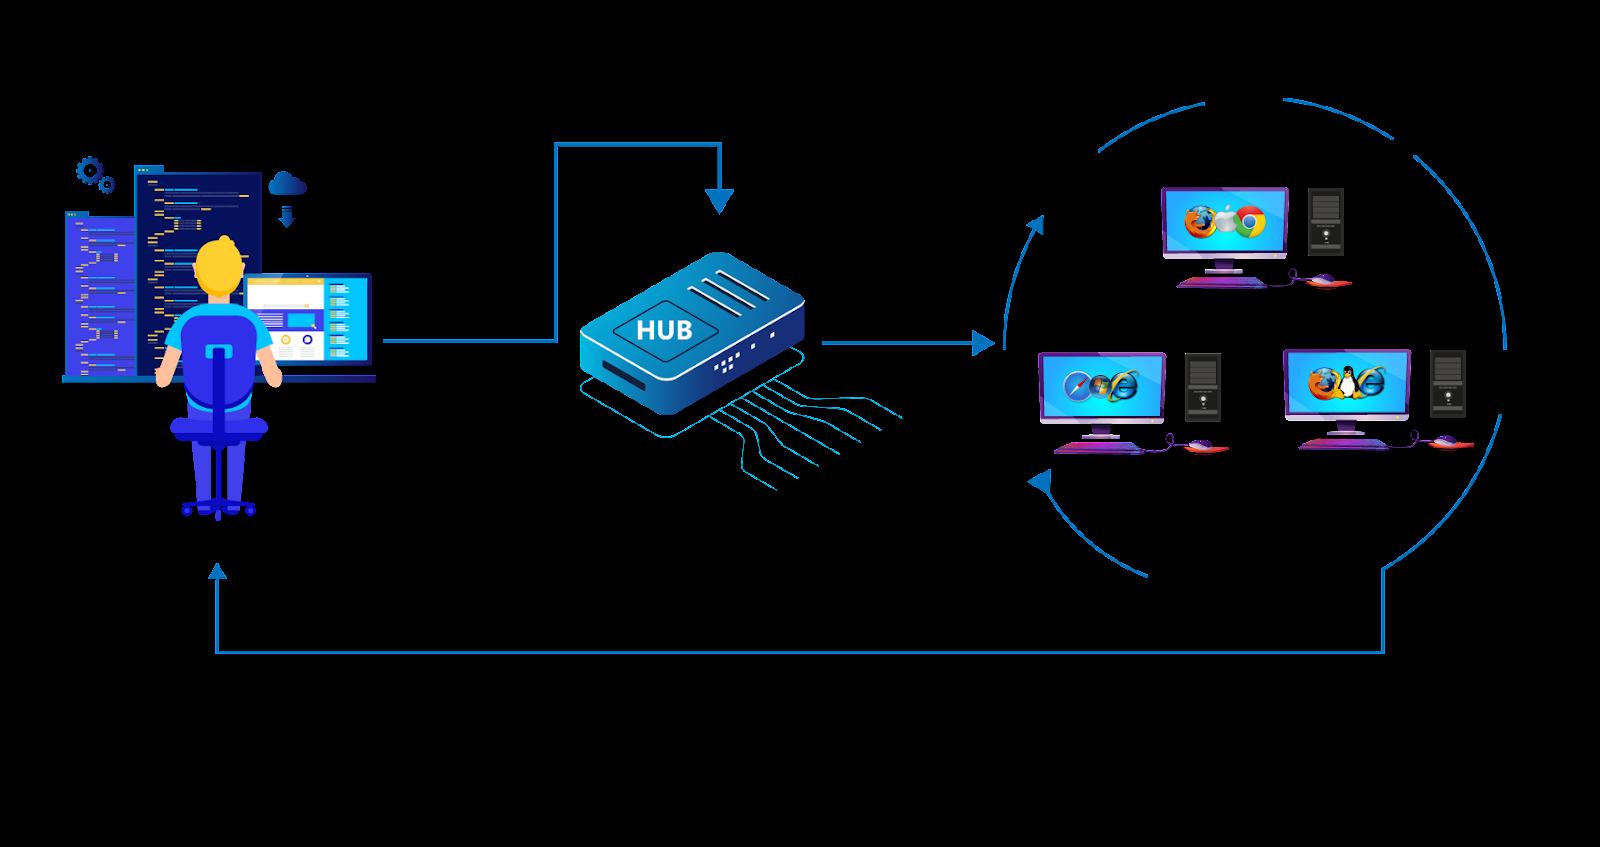 HUB(web driver nodes)